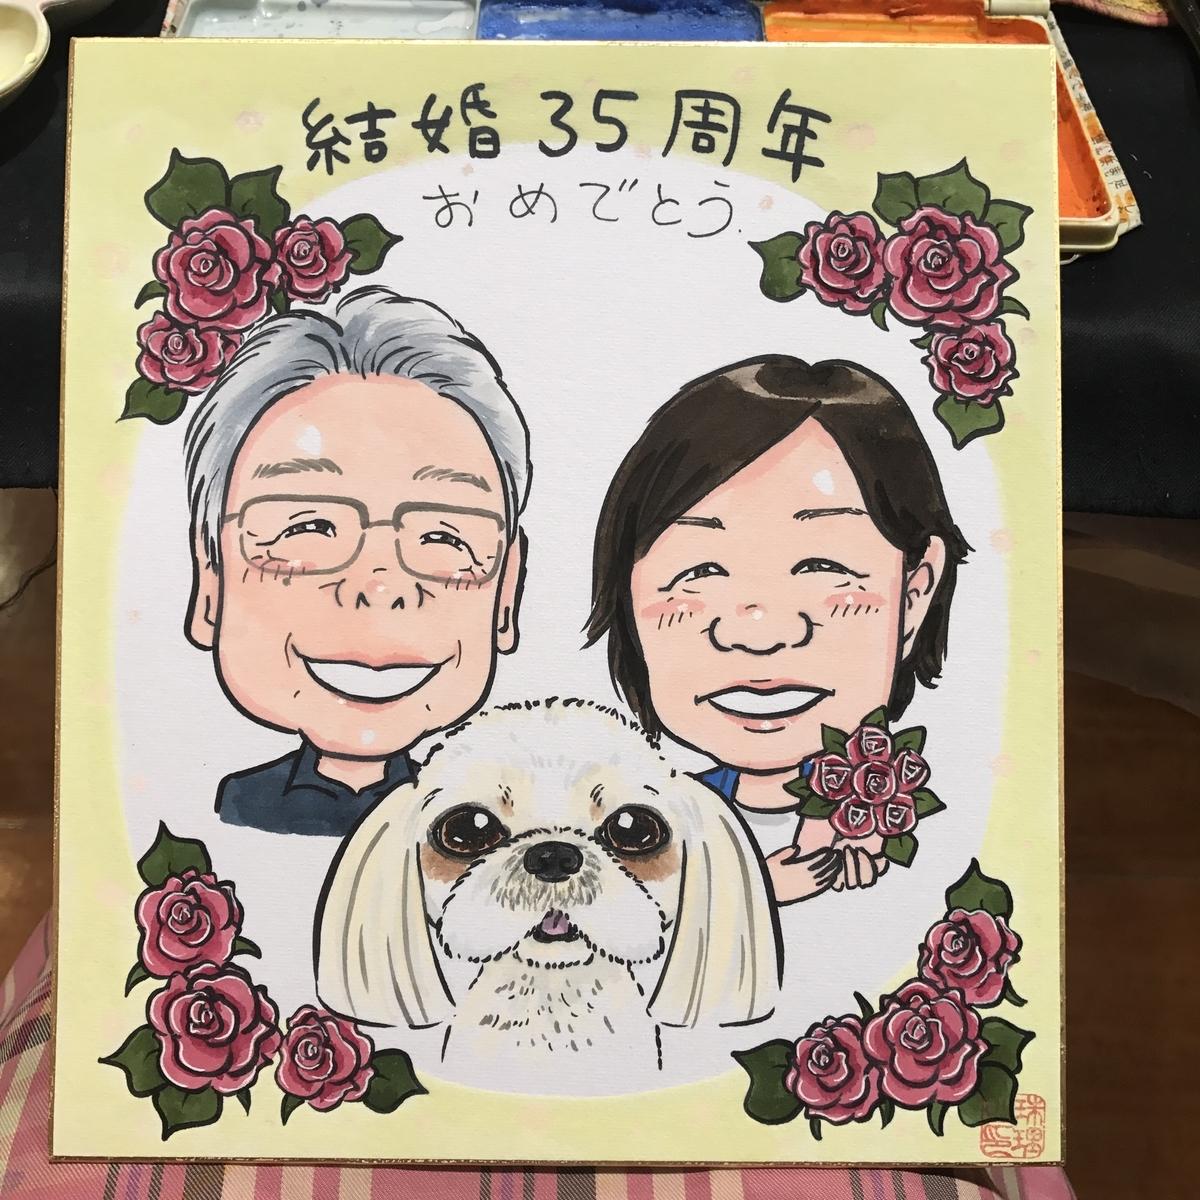 結婚35周年祝いの似顔絵